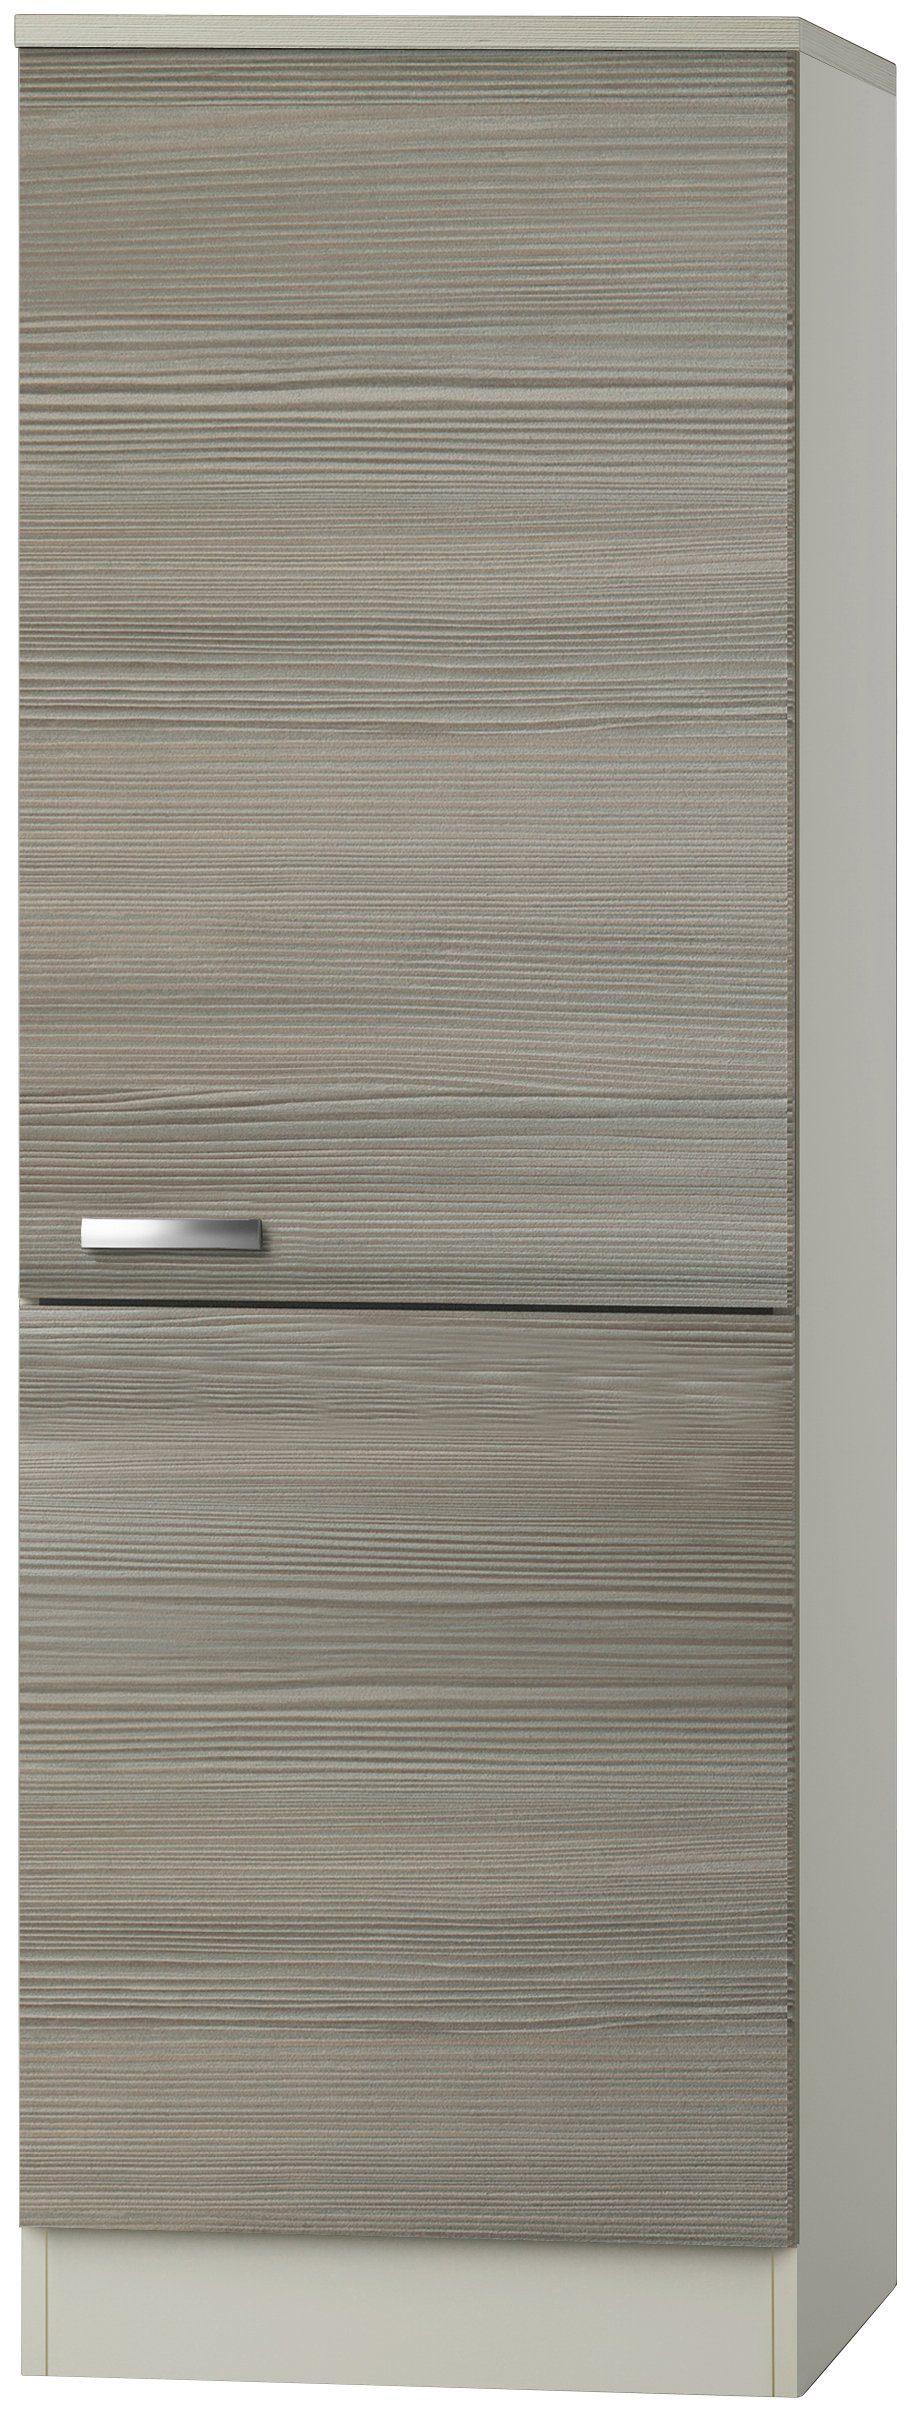 Vorratsschrank »Vigo, Höhe 174,4 cm«